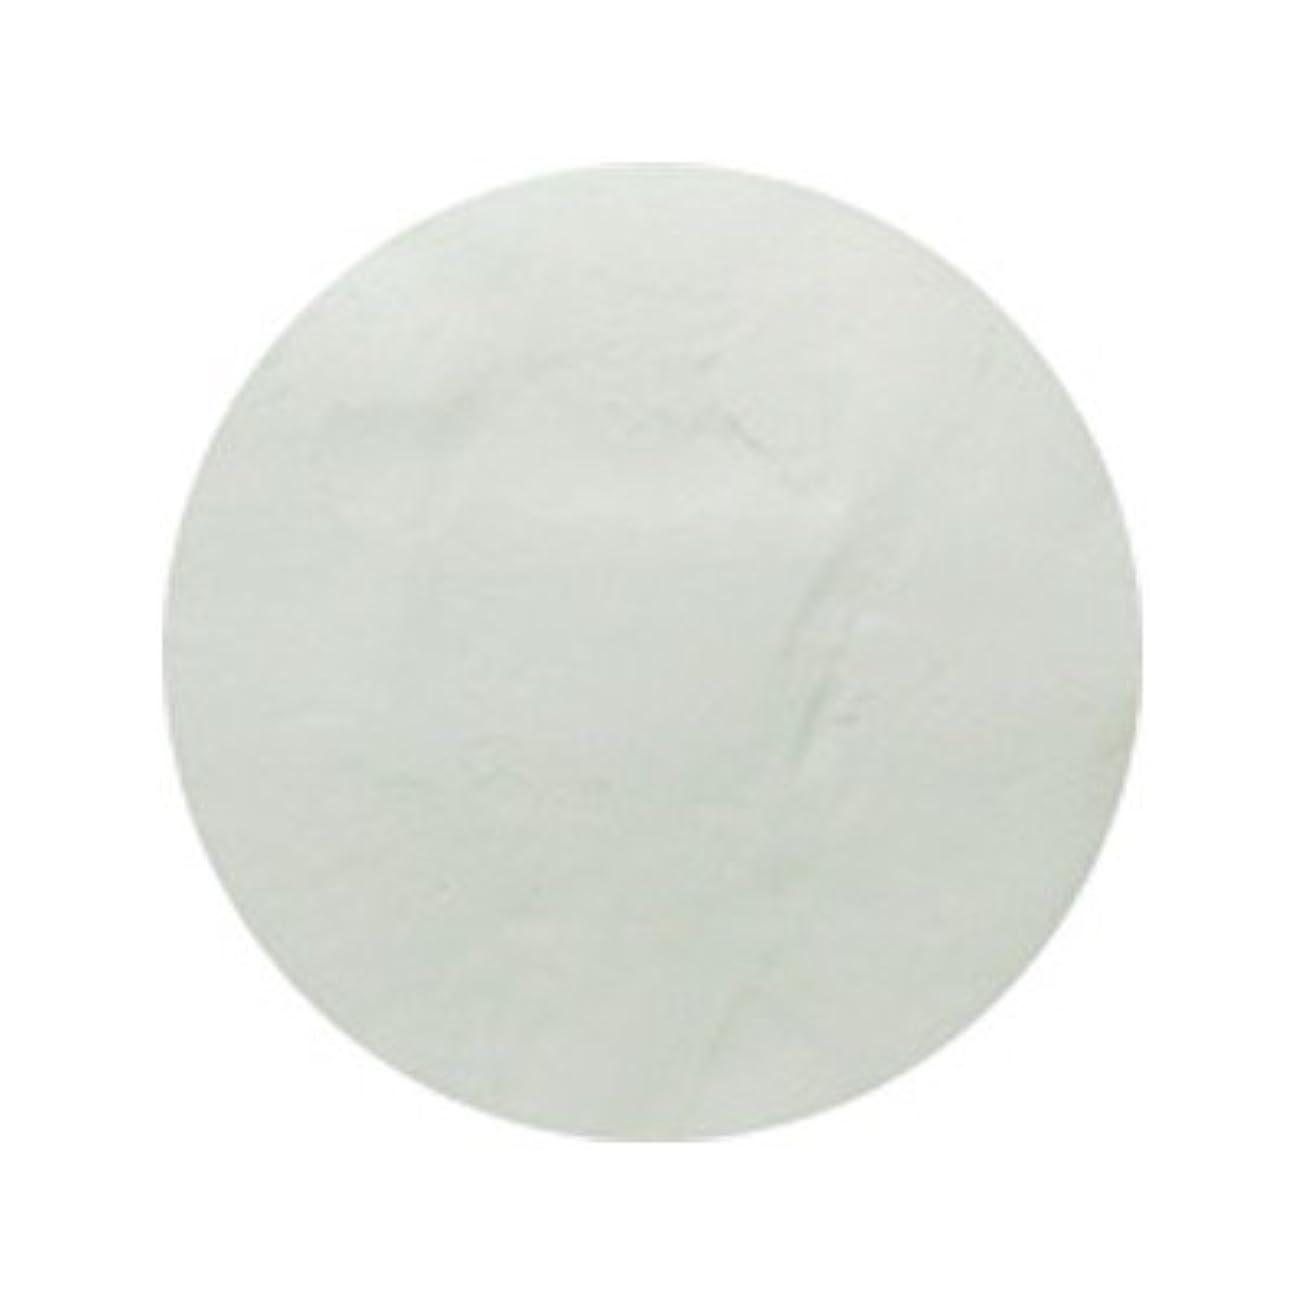 感動する牛乳剤ピカエース #700 着色顔料 スノーホワイト